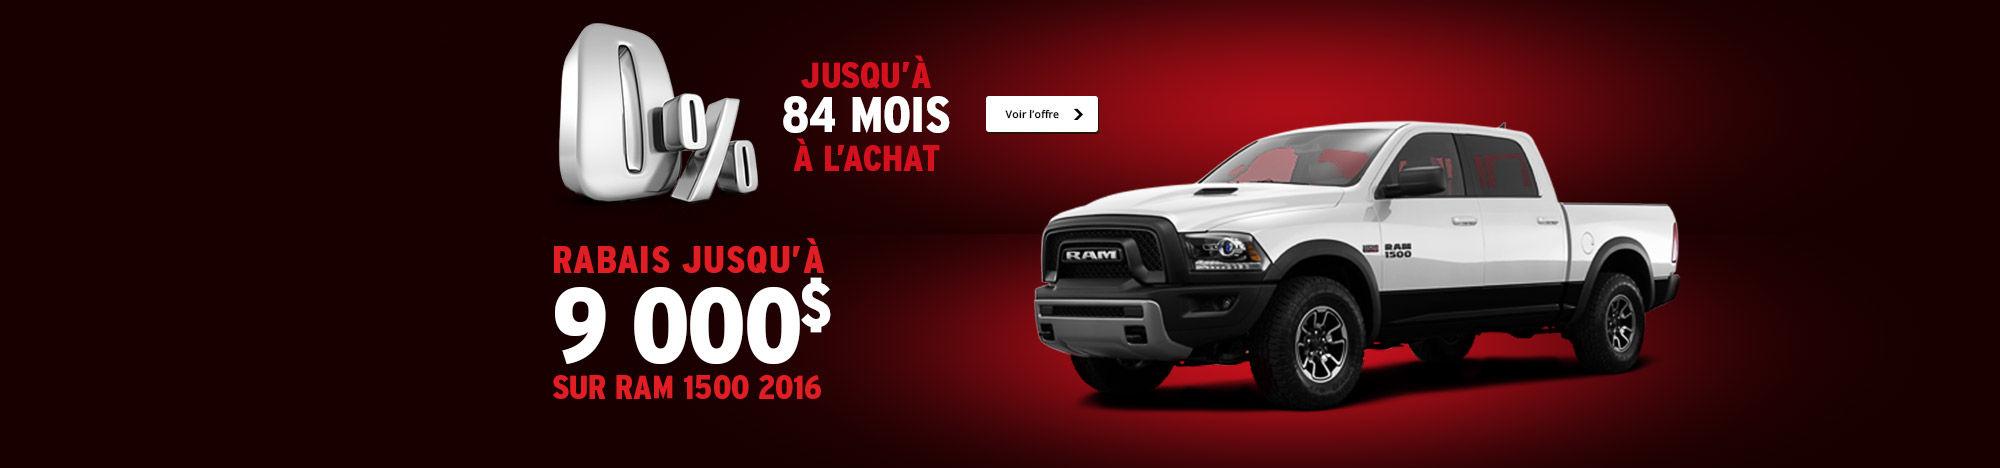 Chrysler Ram 1500 2016